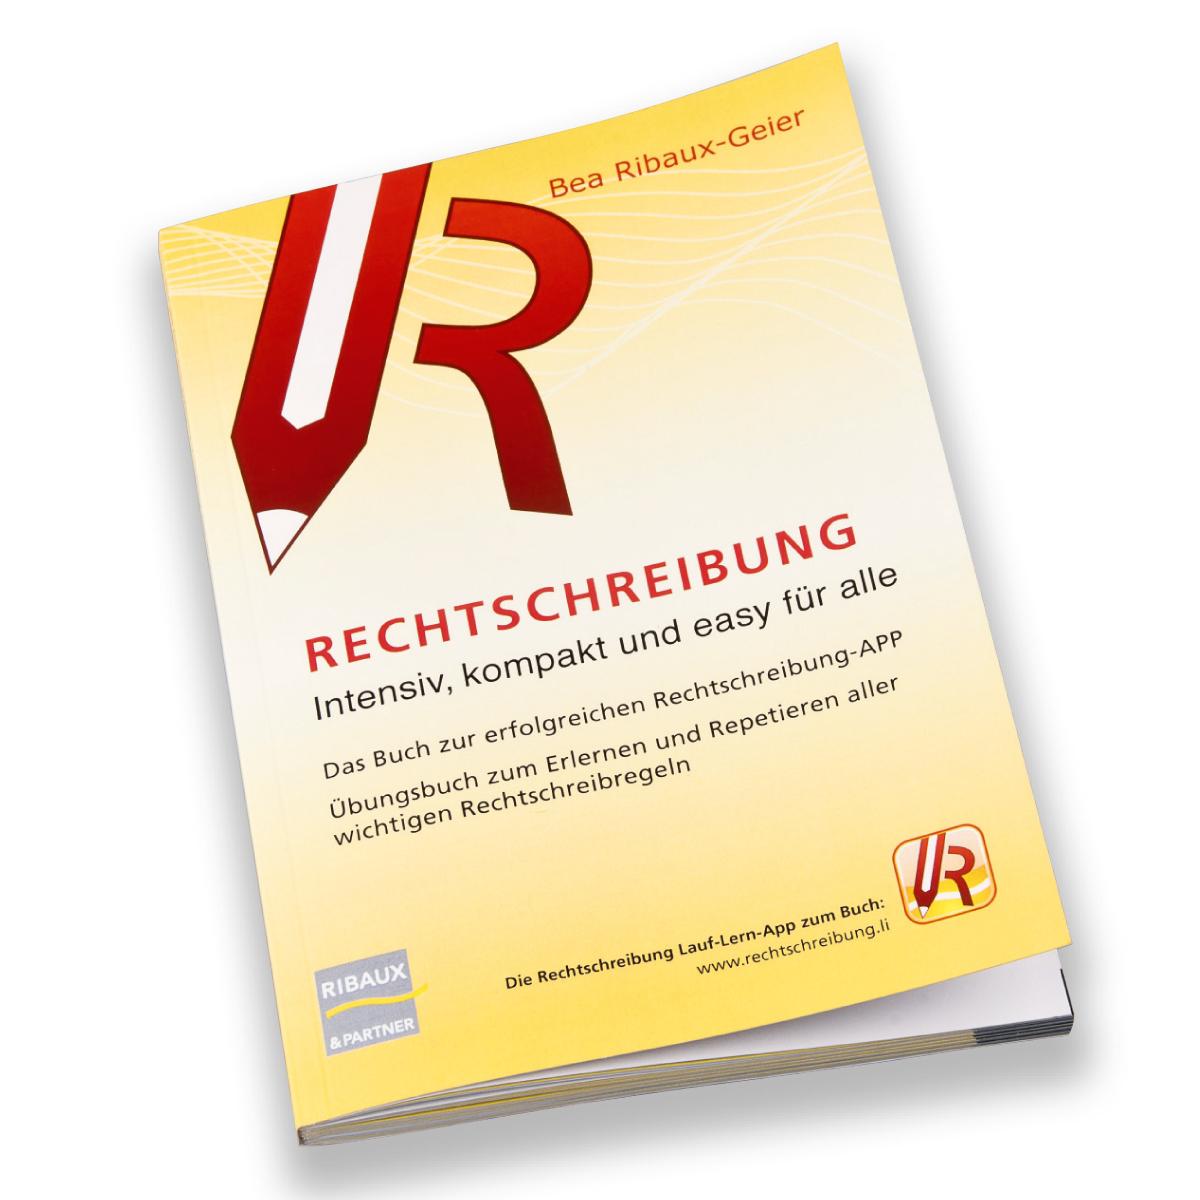 Rechtschreibungbuch